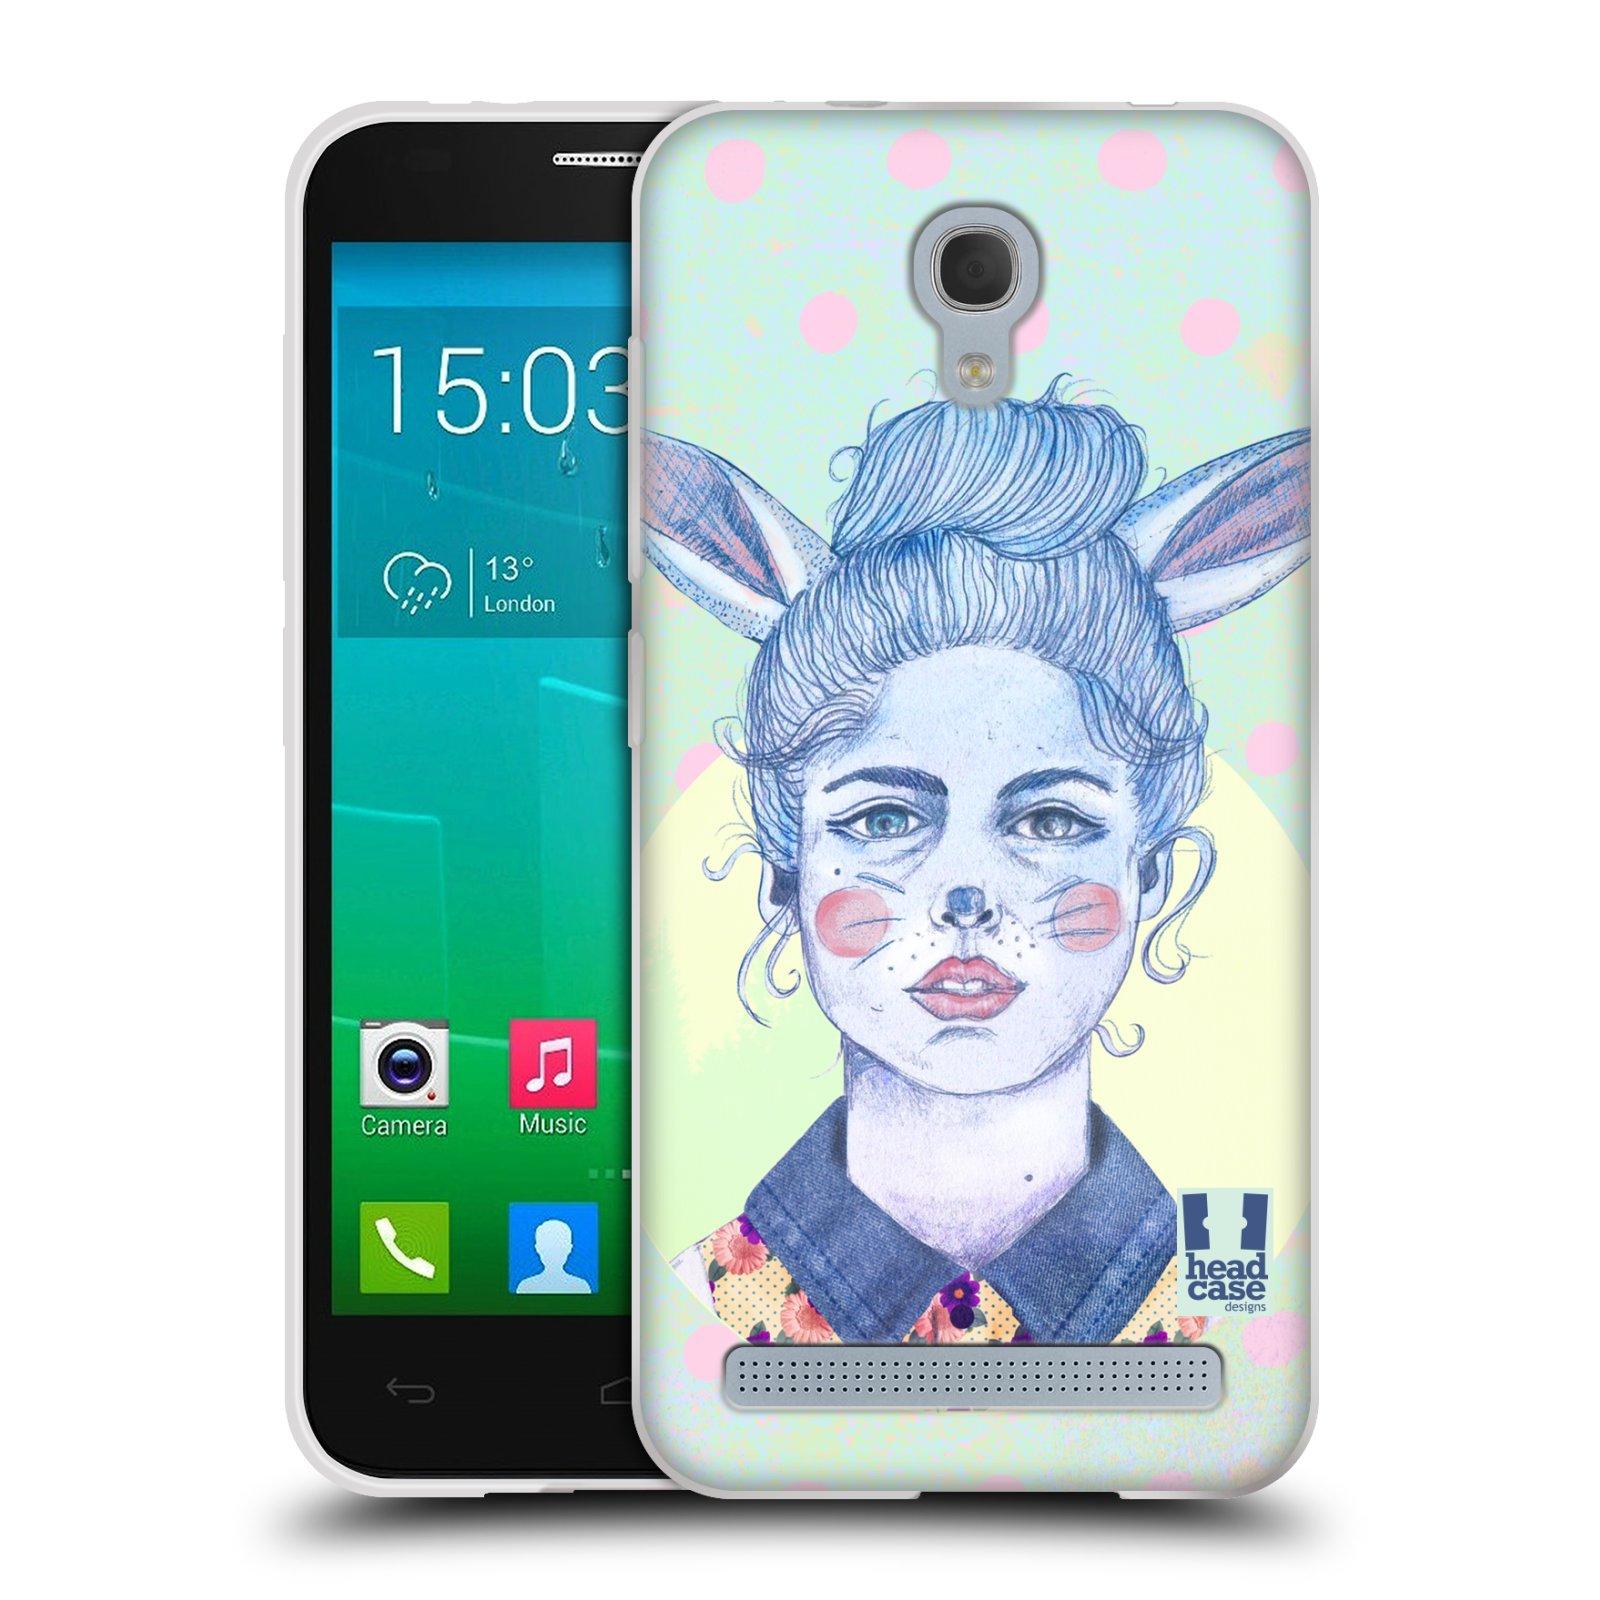 HEAD CASE silikonový obal na mobil Alcatel Idol 2 MINI S 6036Y vzor Děvče zvířecí tématika zajíček zima